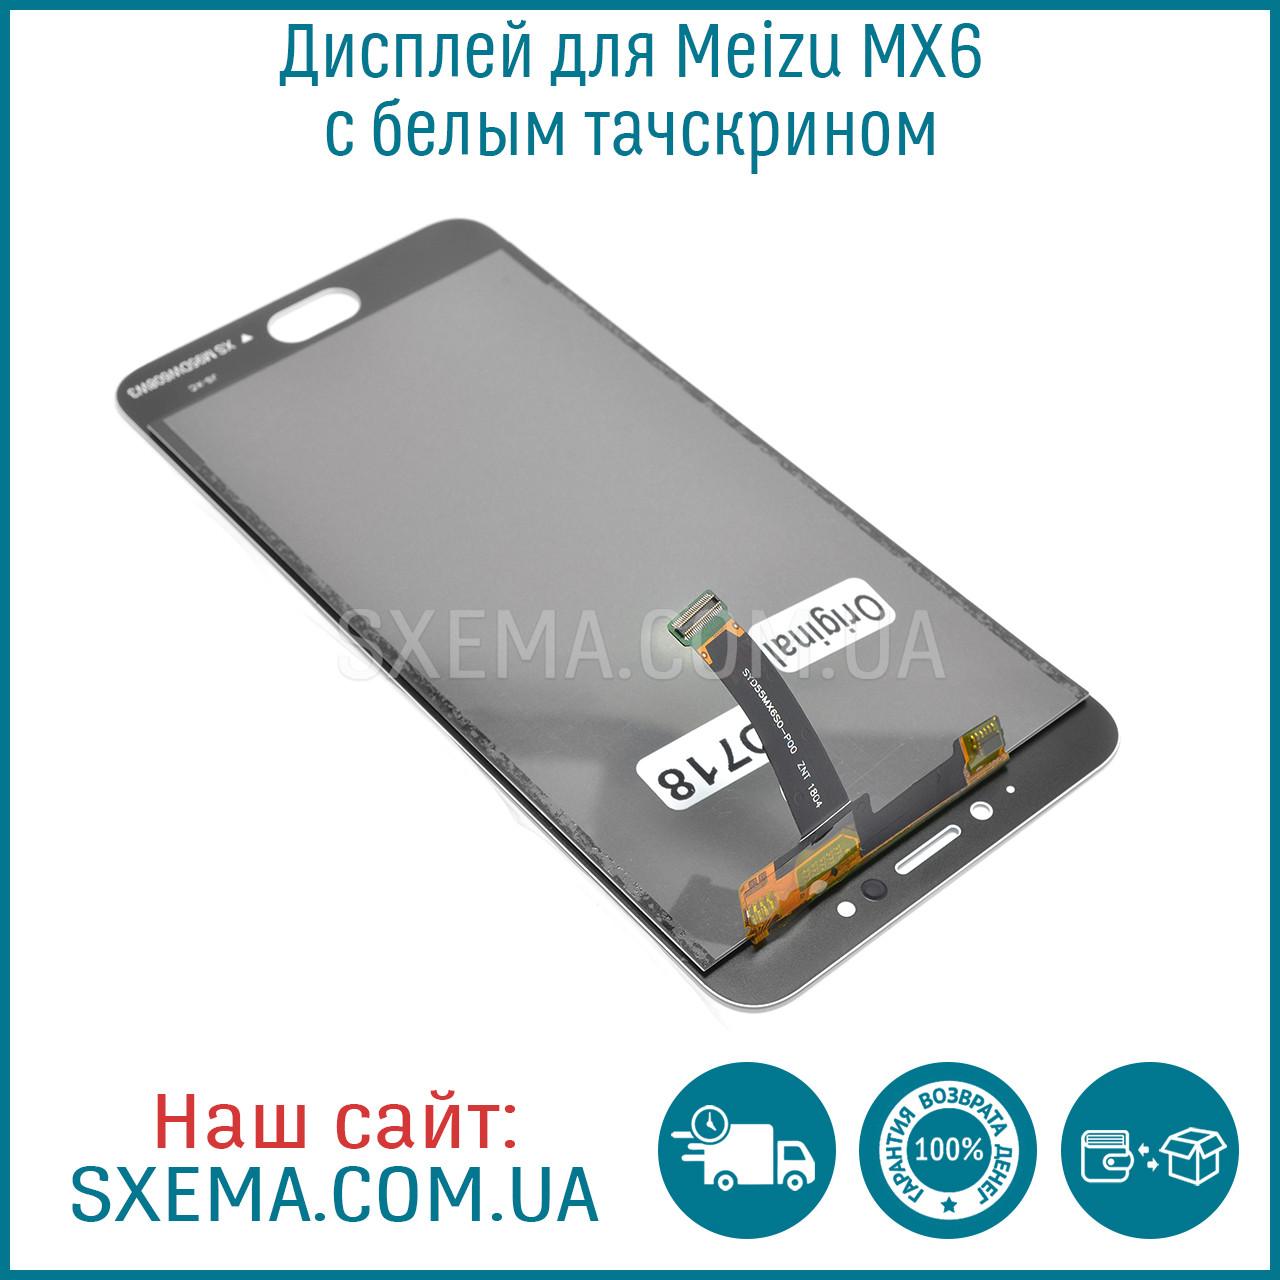 Дисплей для Meizu MX6 с белым тачскрином оригинал, фото 1